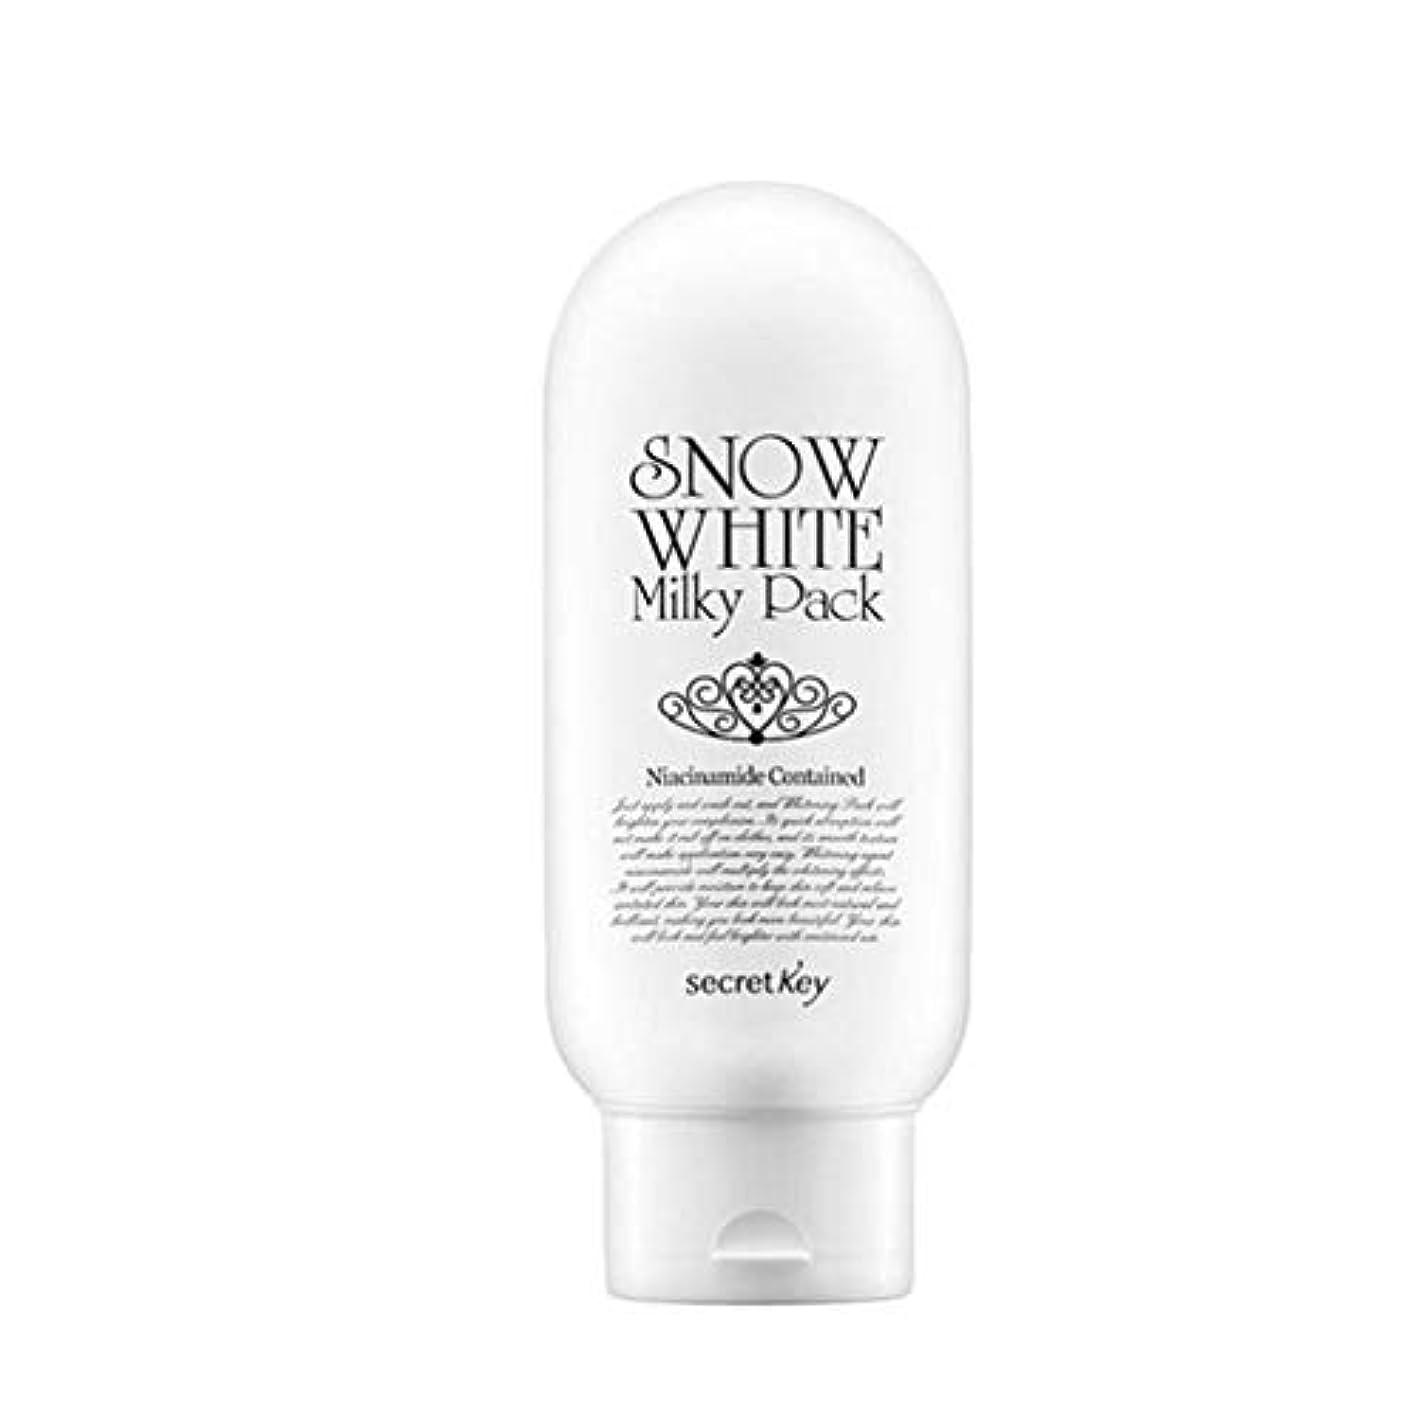 同行流行している私たちのものシークレットキースノーホワイトミルキーパック200g韓国コスメ、Secret Key Snow White Milky Pack 200g Korean Cosmetics [並行輸入品]